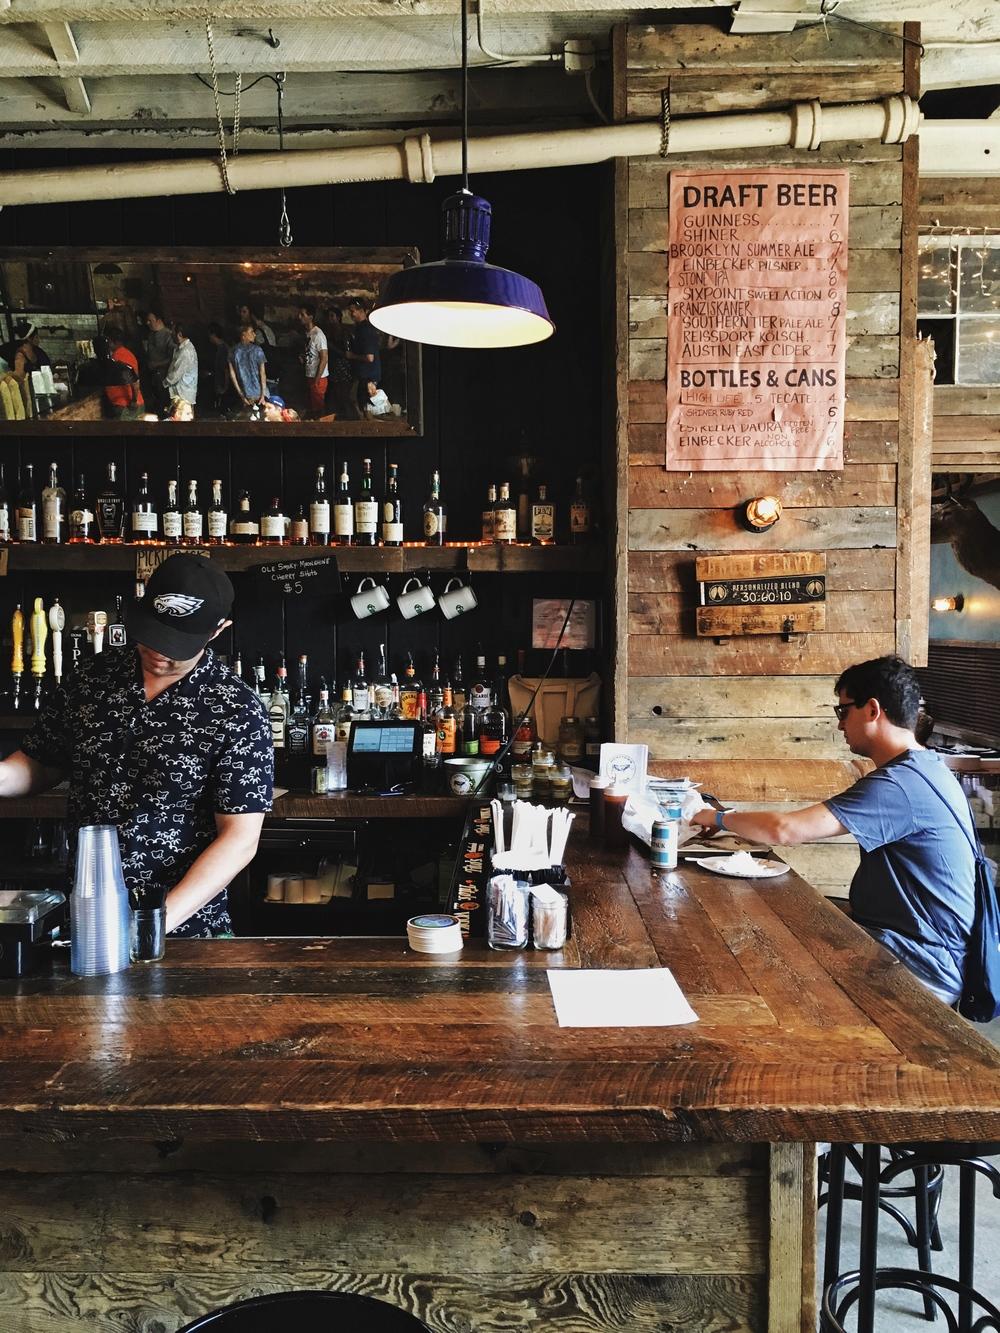 hometownbbq_bar